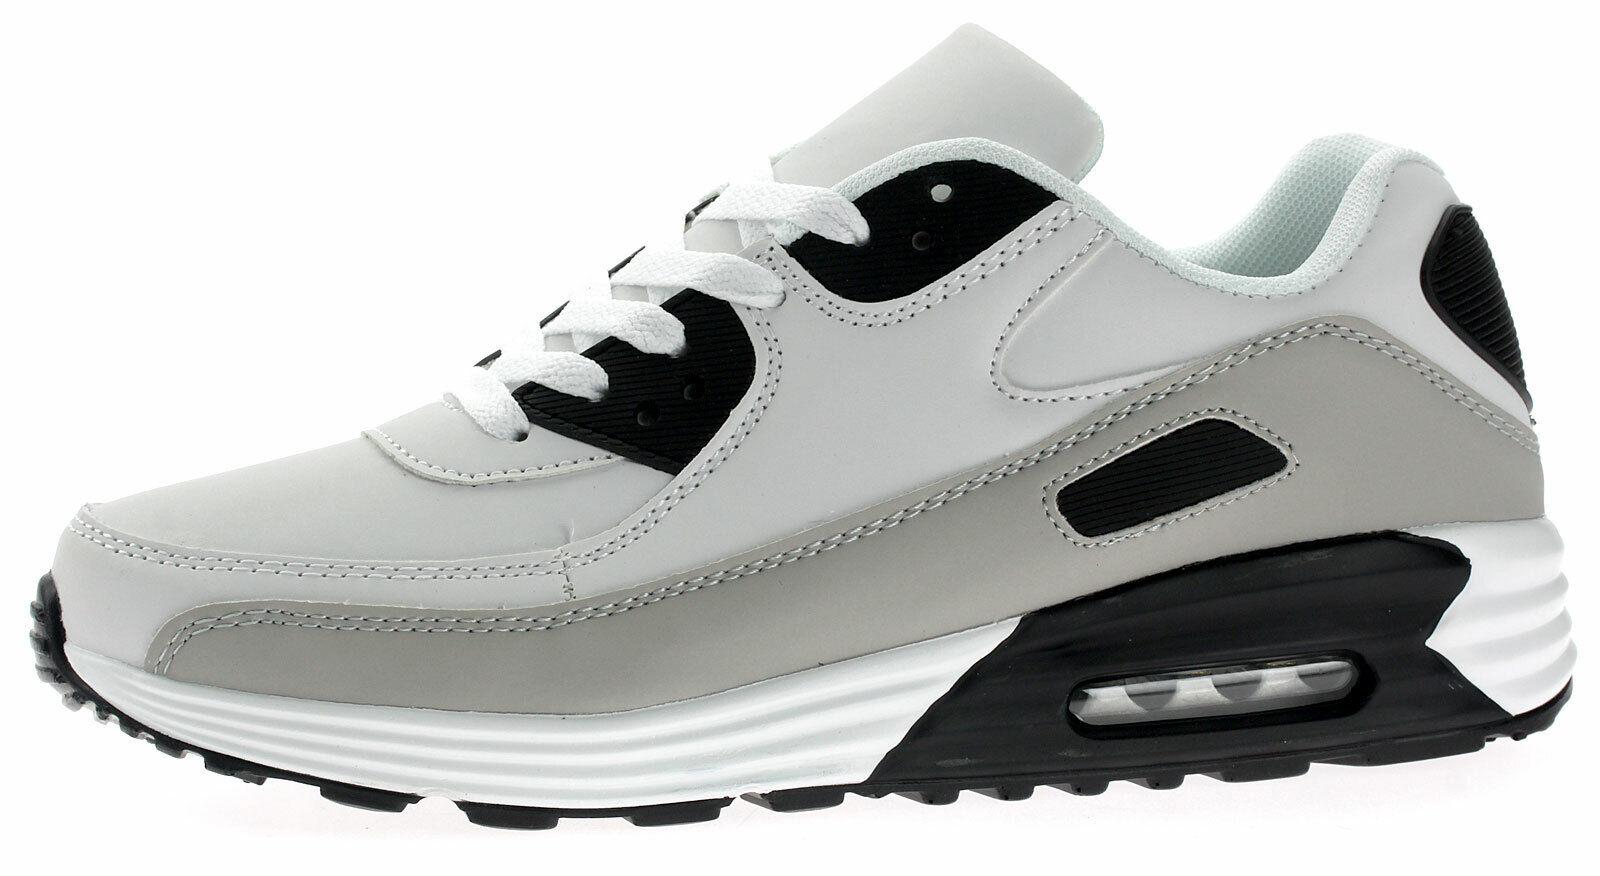 22. schwarz-grau-weiß